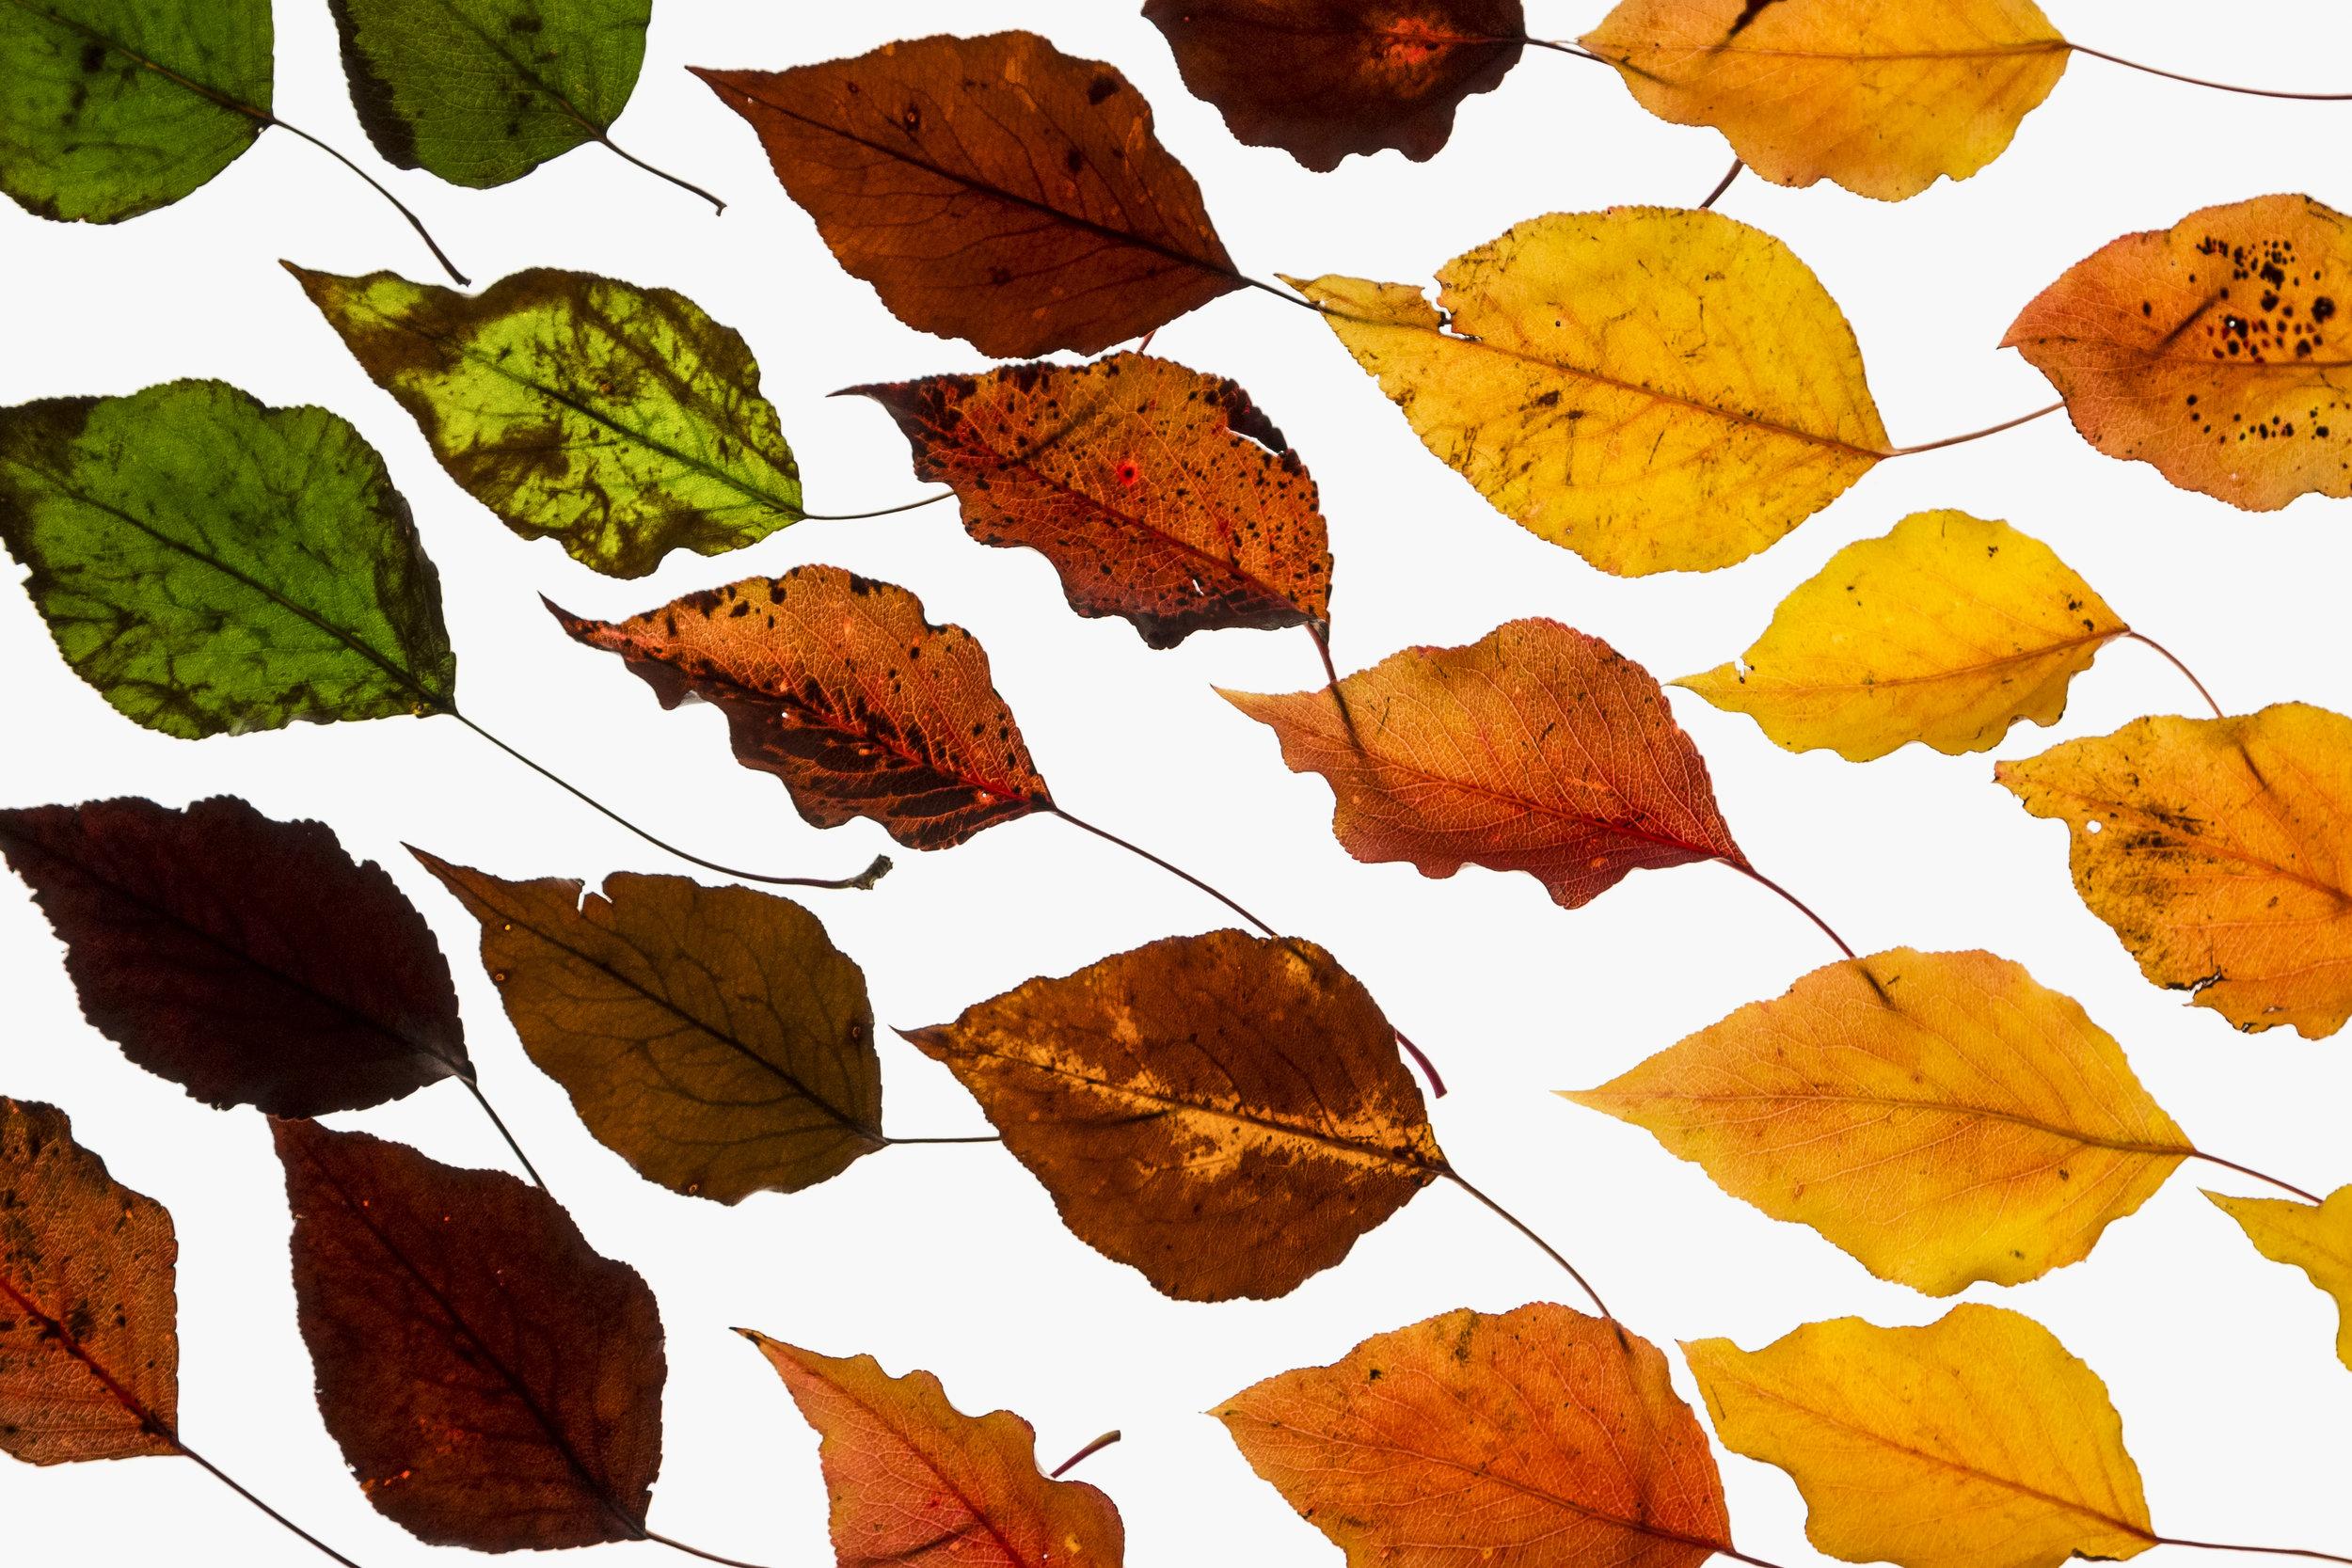 leaf-6.jpg